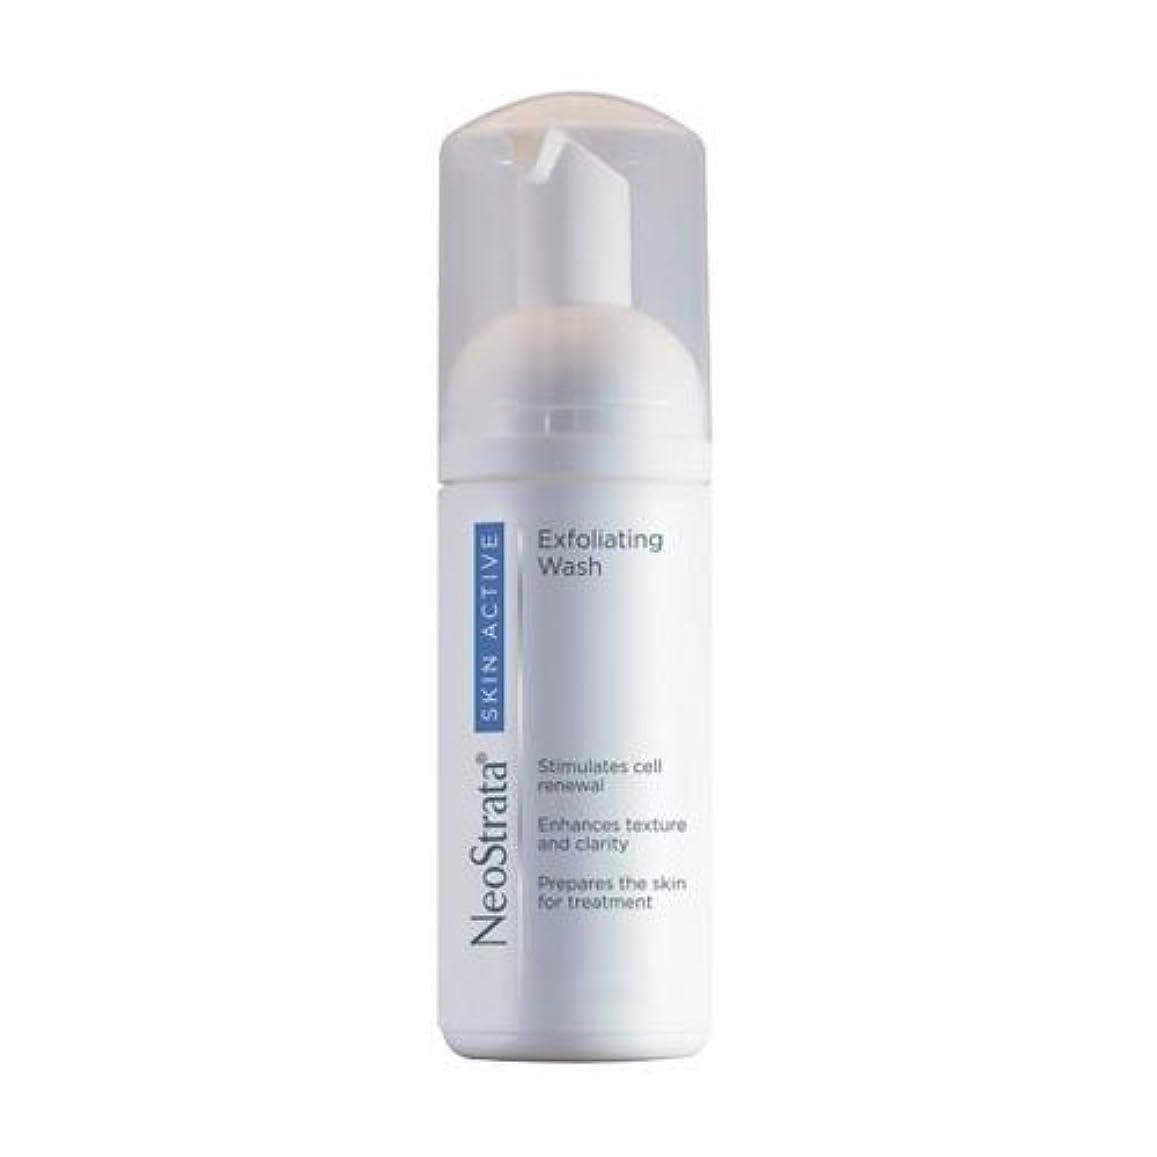 薄める警告風邪をひくNeostrata Skin Active Exfoliating Wash 125ml [並行輸入品]